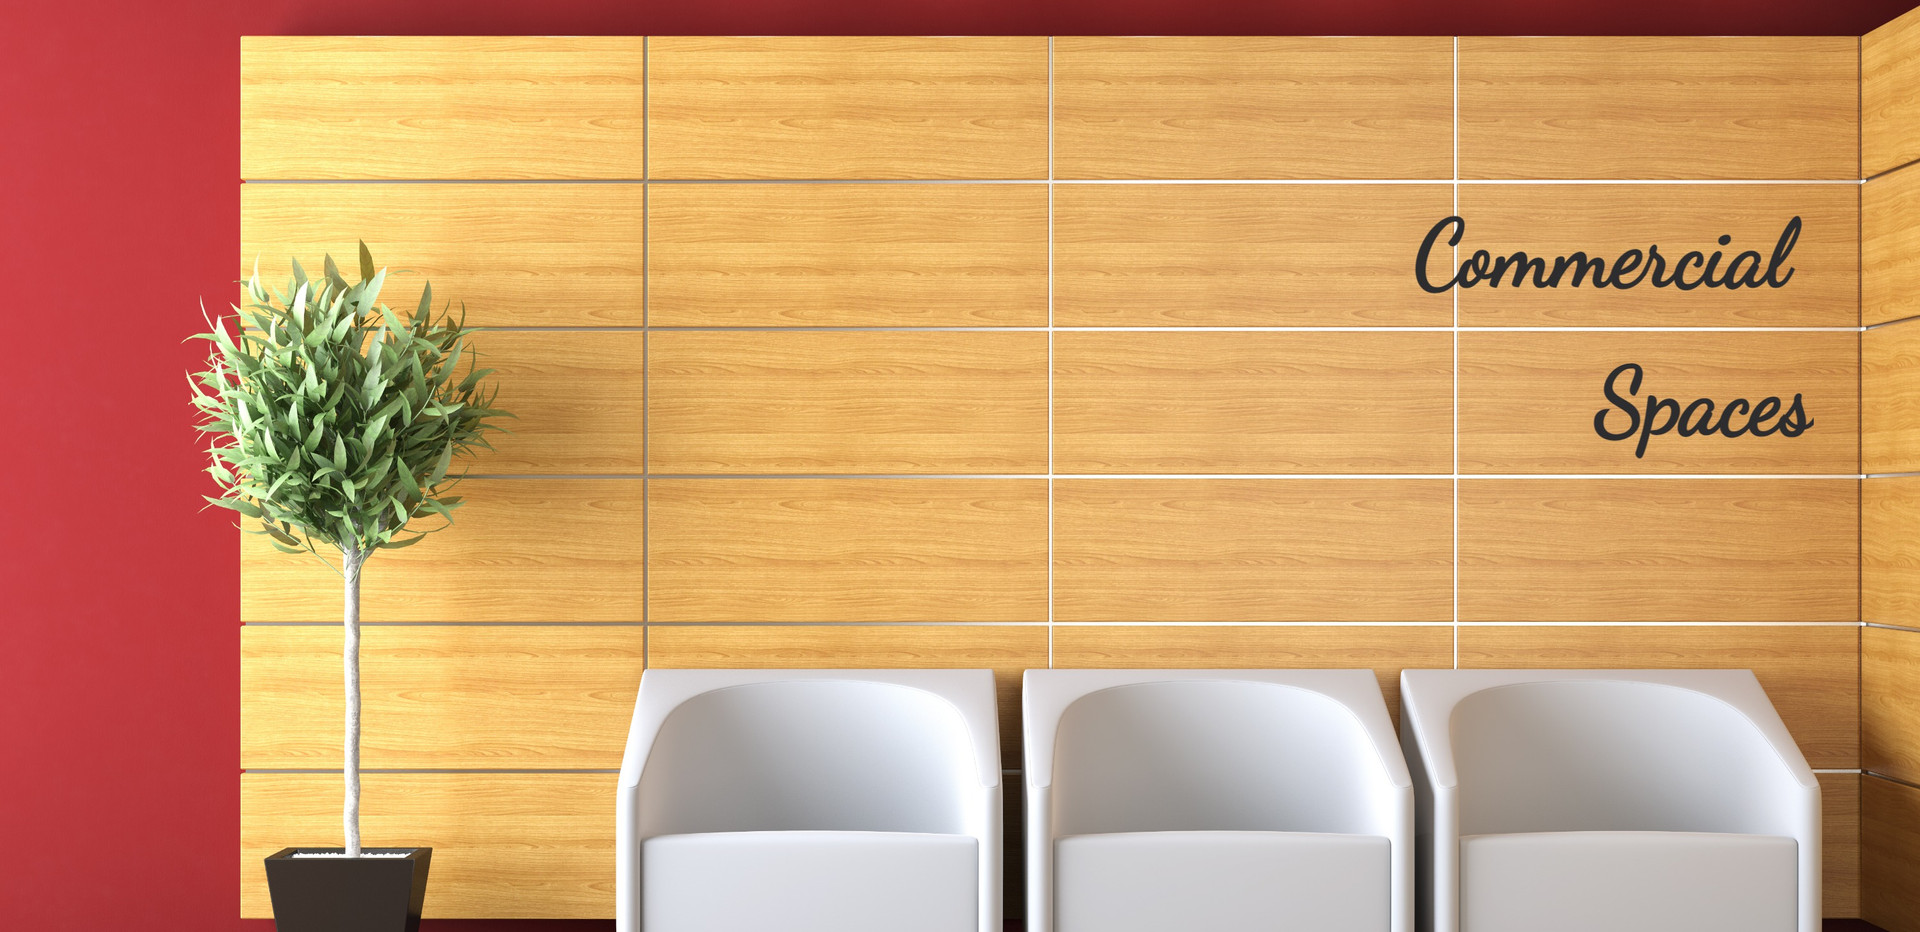 Gossamer Design - Commercial Spaces